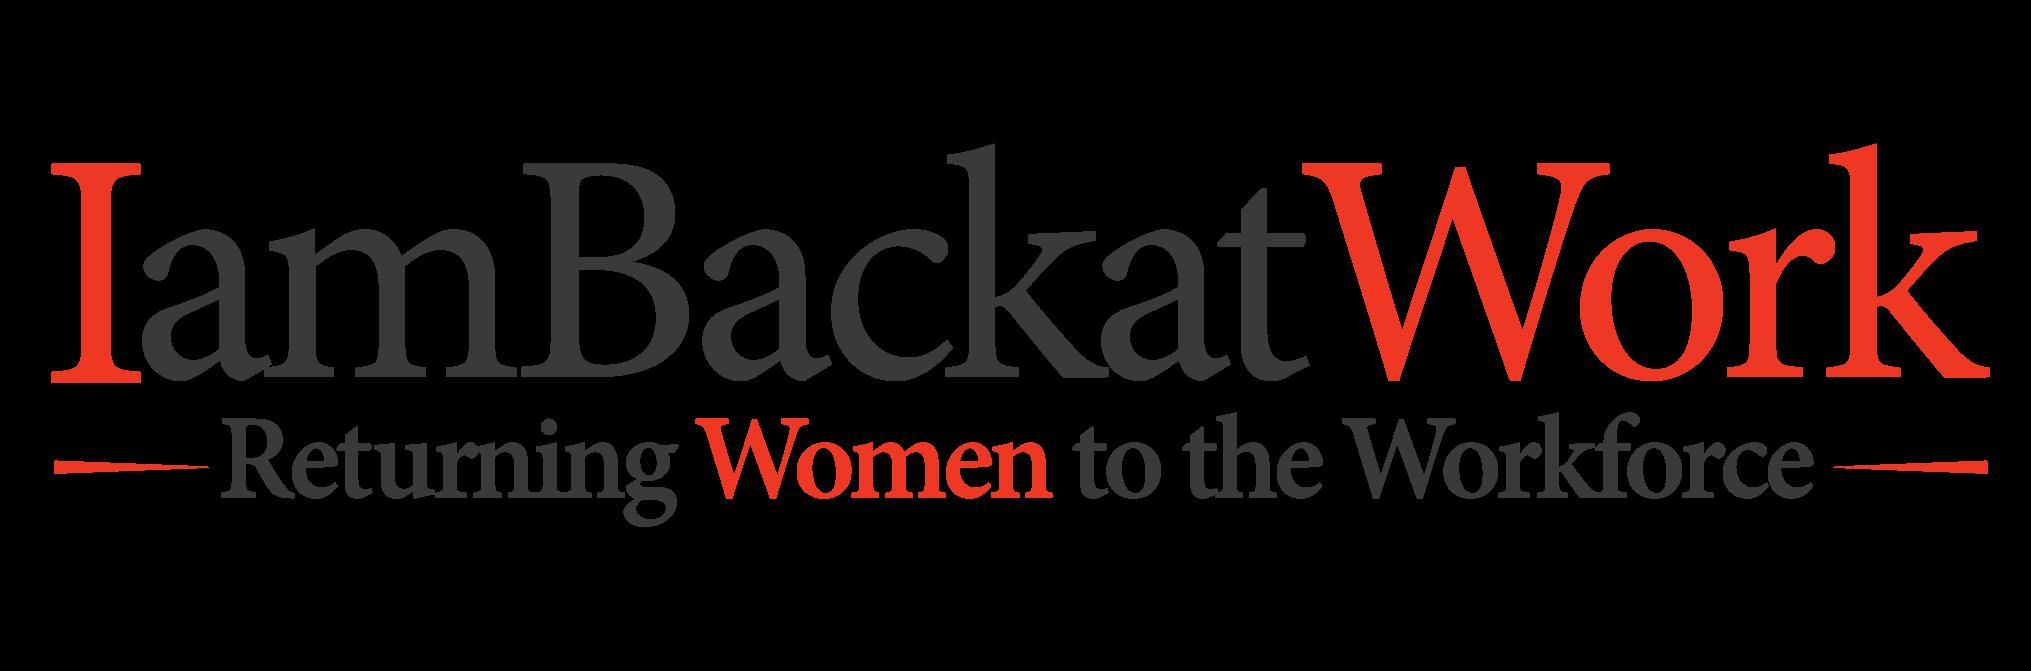 IamBackatWork